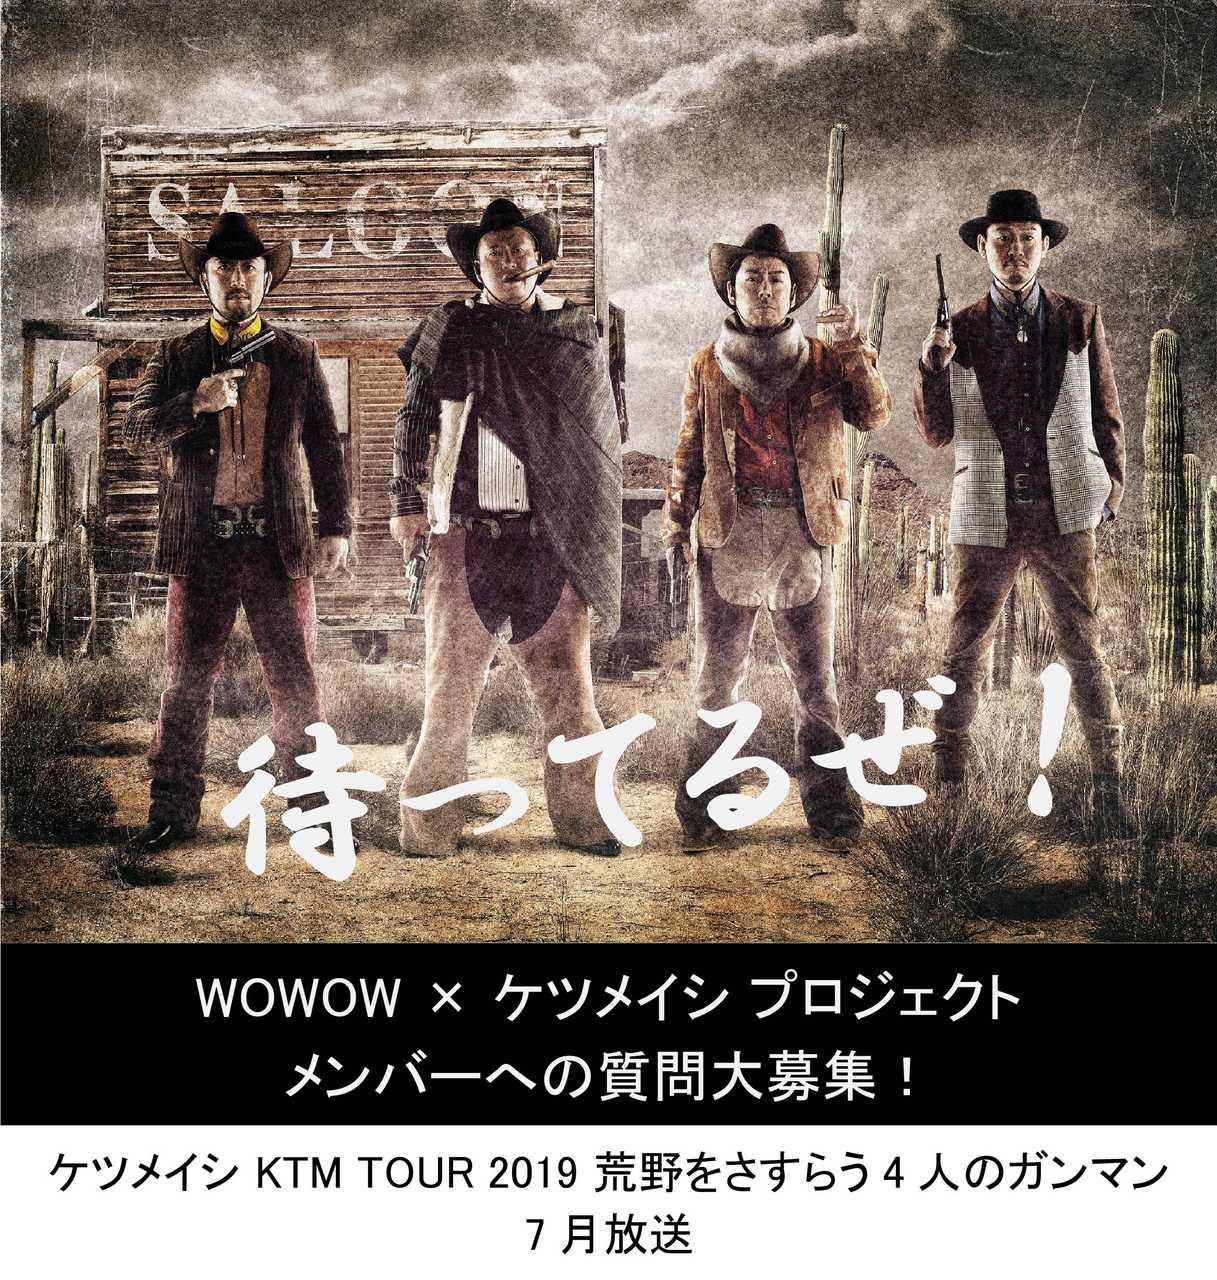 「ケツメイシ KTM TOUR 2019 荒野をさすらう4人のガンマン」放送特別企画を開催!